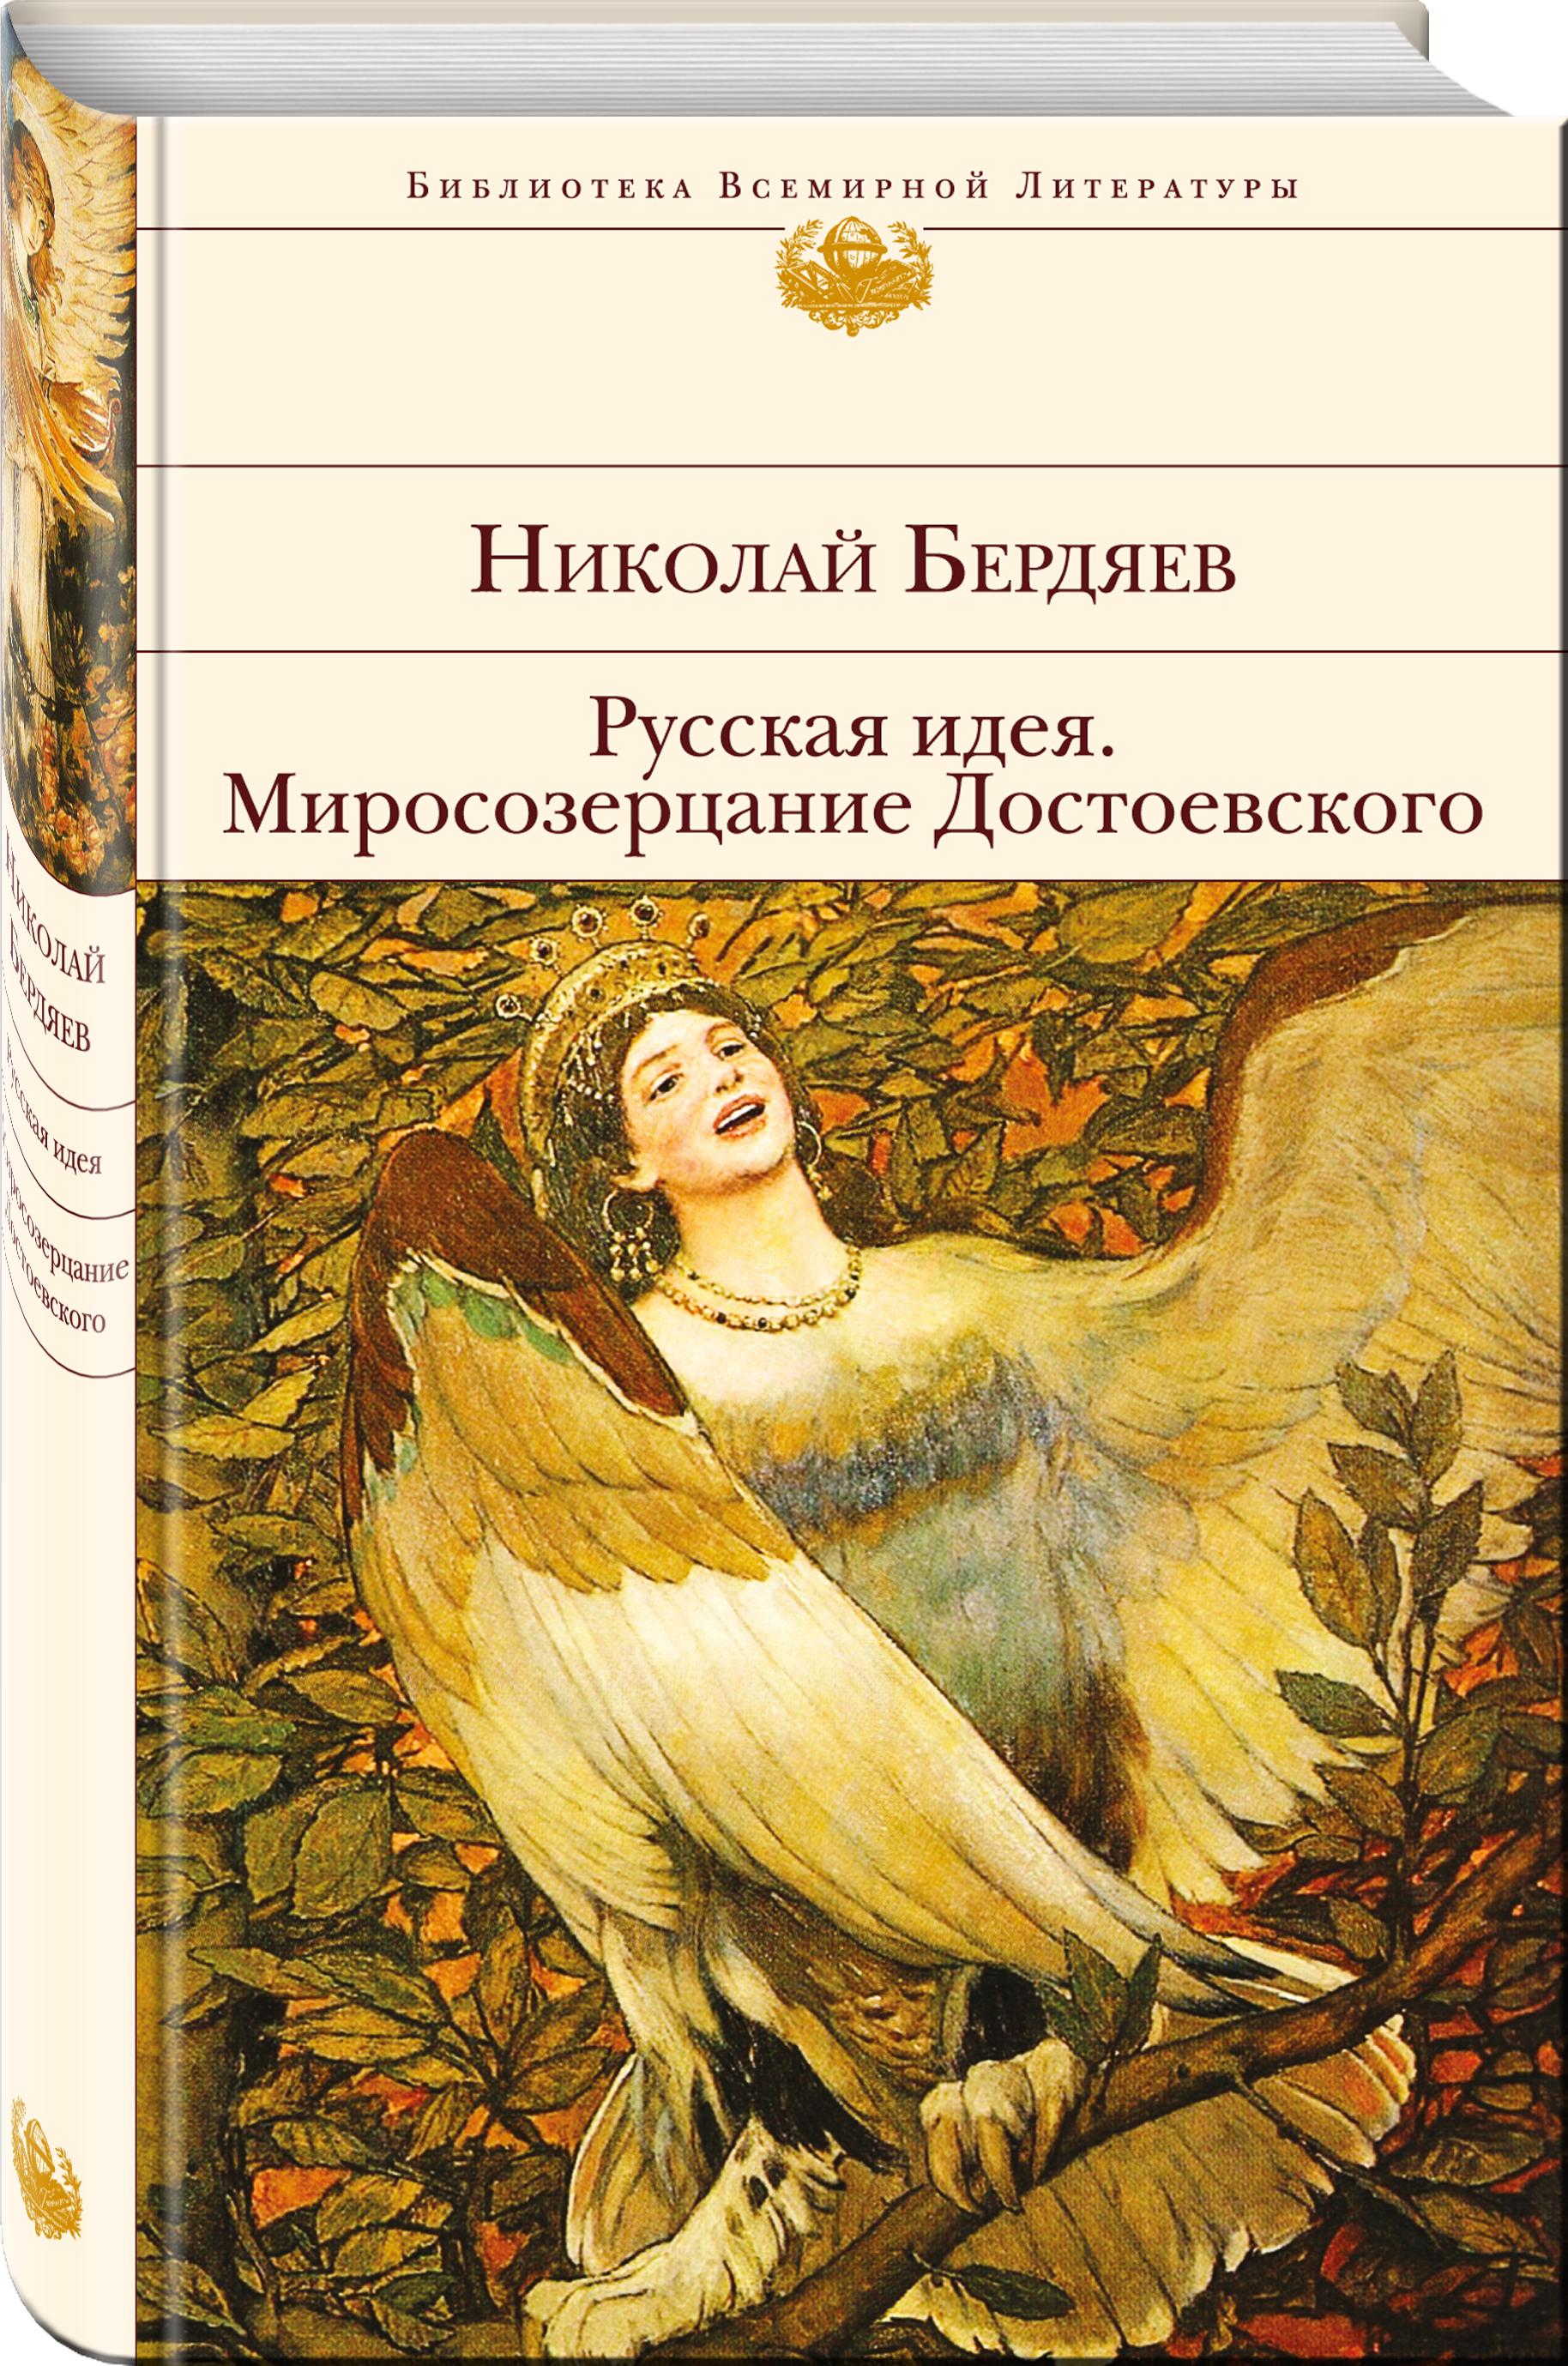 Бердяев Н.А. Русская идея. Миросозерцание Достоевского